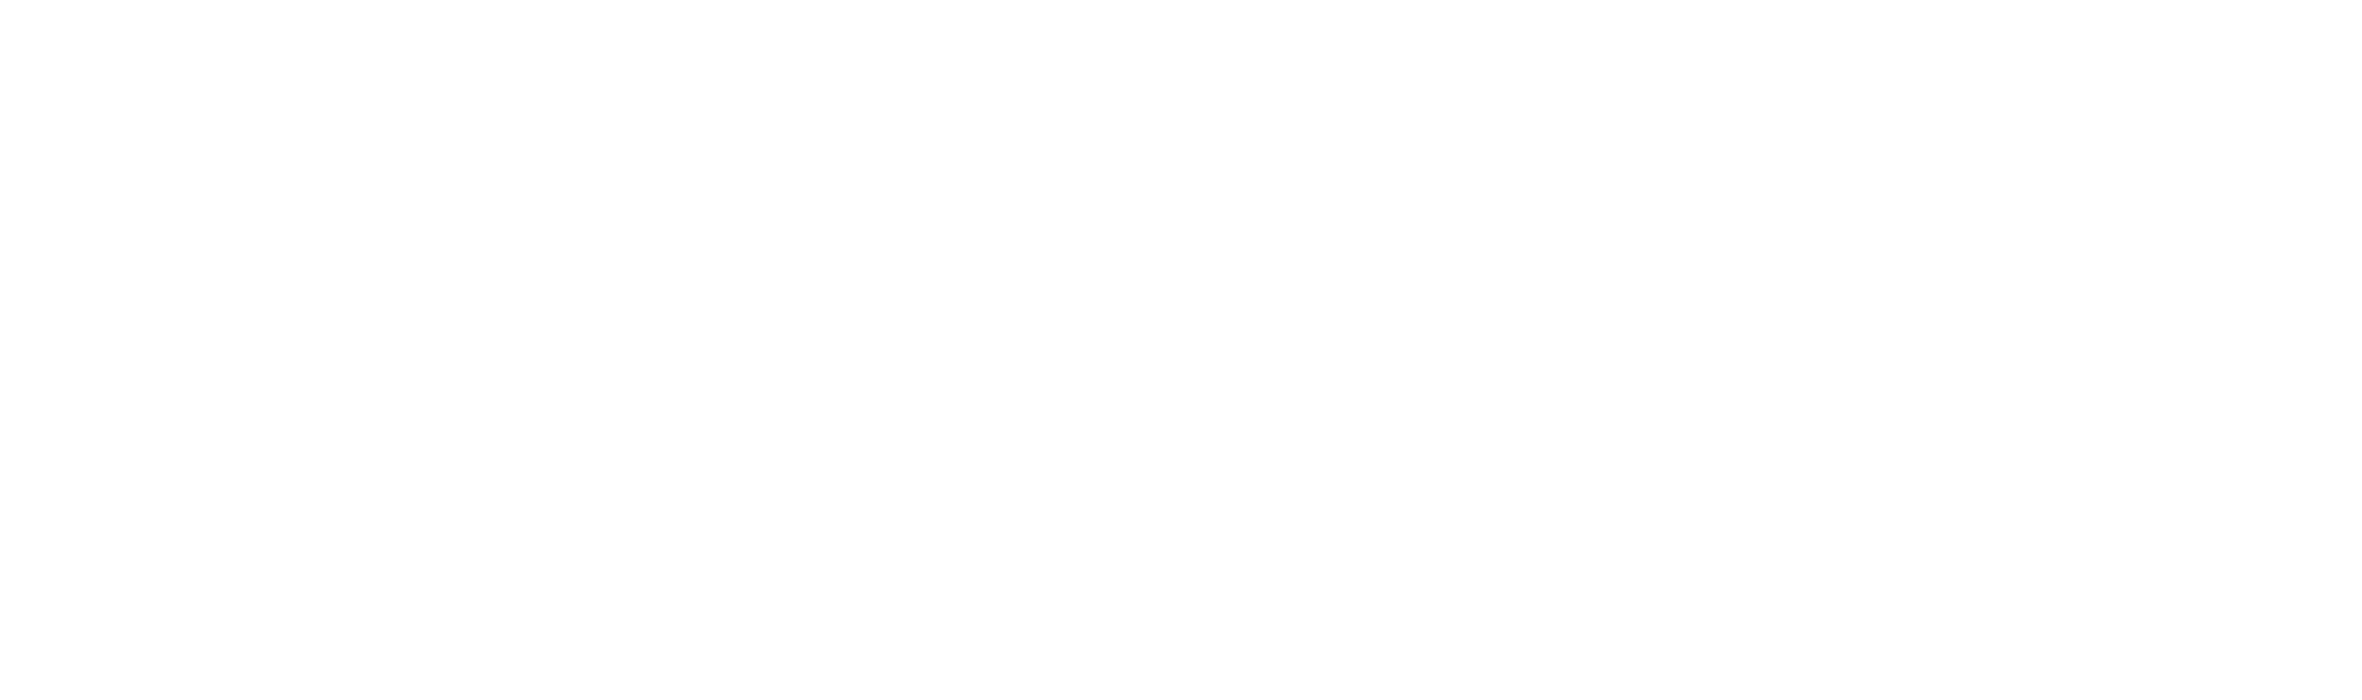 XSpowerdrink